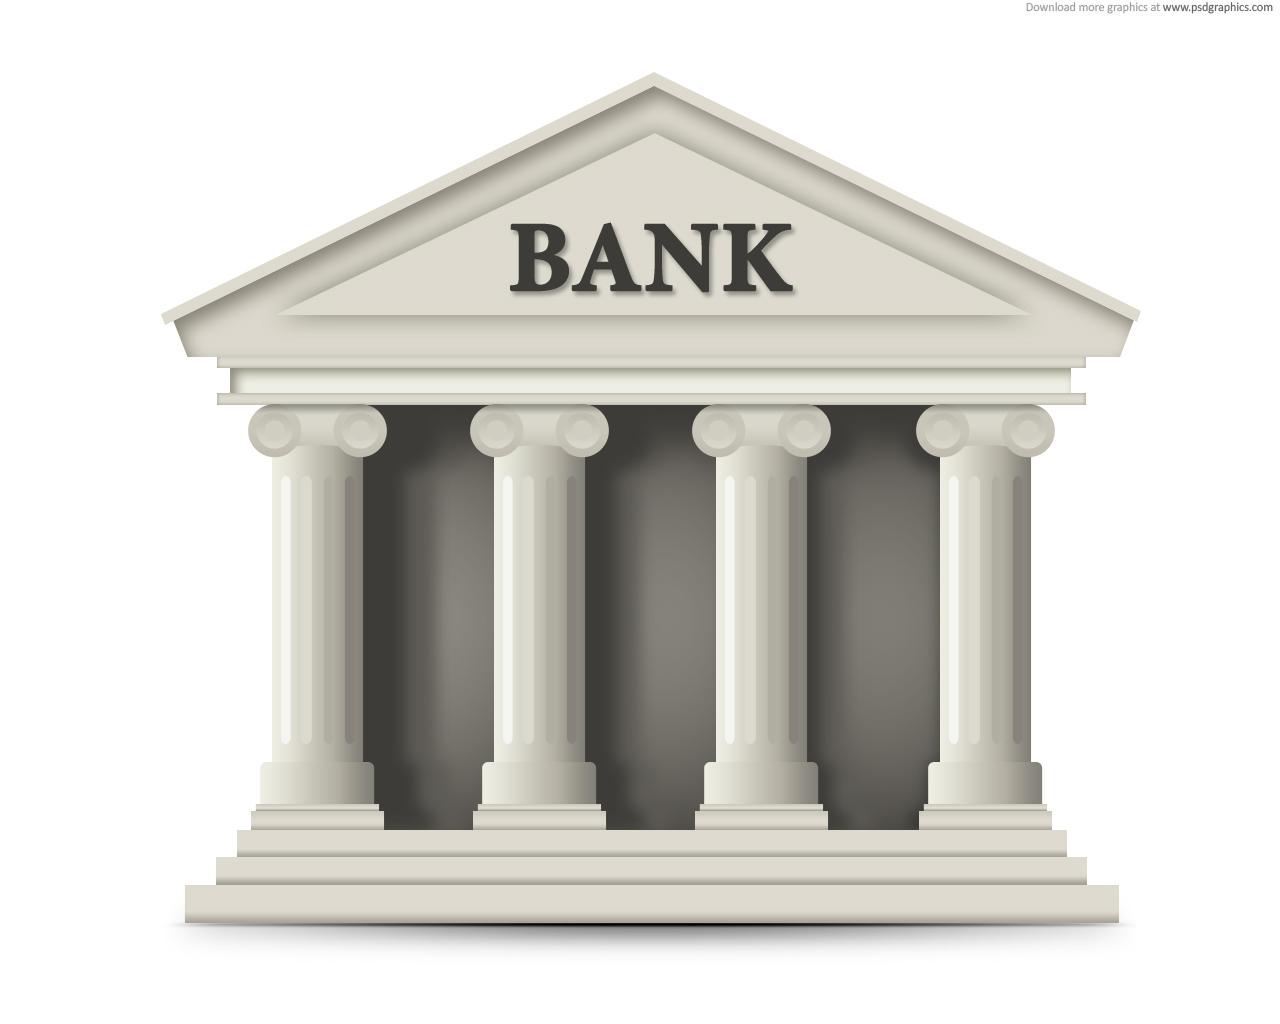 """Удължава се срокът за подаване на оферти по отправена покана от Държавното предприятие """"Ръководство на въздушното движение"""" на основание чл. 20, ал. 4, т. 3 от Закона за обществените поръчки (ЗОП), за участие в избор на изпълнител за възлагане на обществена поръчка с предмет: """"Предоставяне на платежни и свързани услуги, в т.ч. управление на разплащателни и други сметки, инкасо, обмяна на валута и др. от кредитна институция""""."""